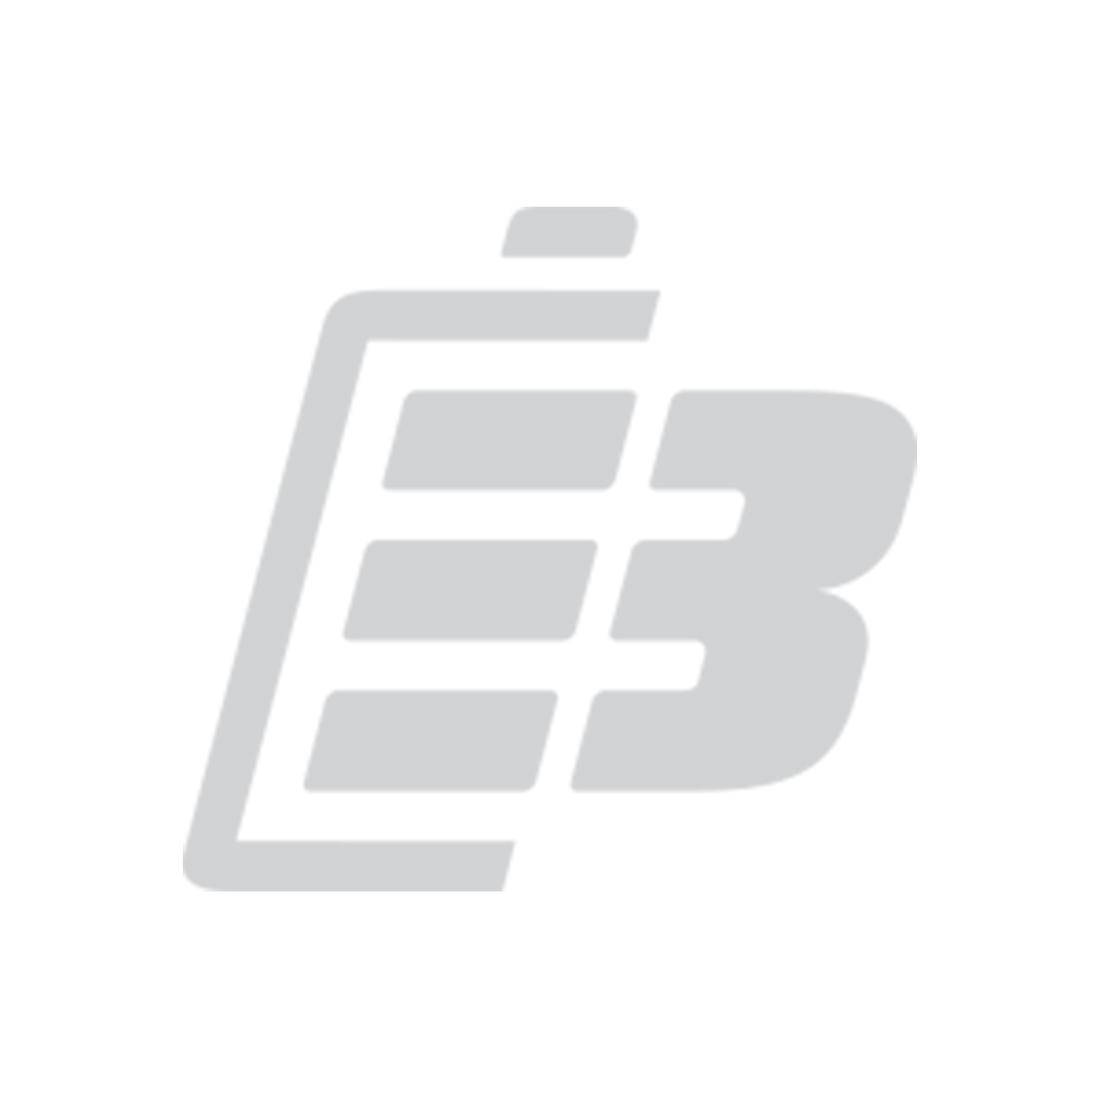 Wireless headset battery Sony SBH-20_1